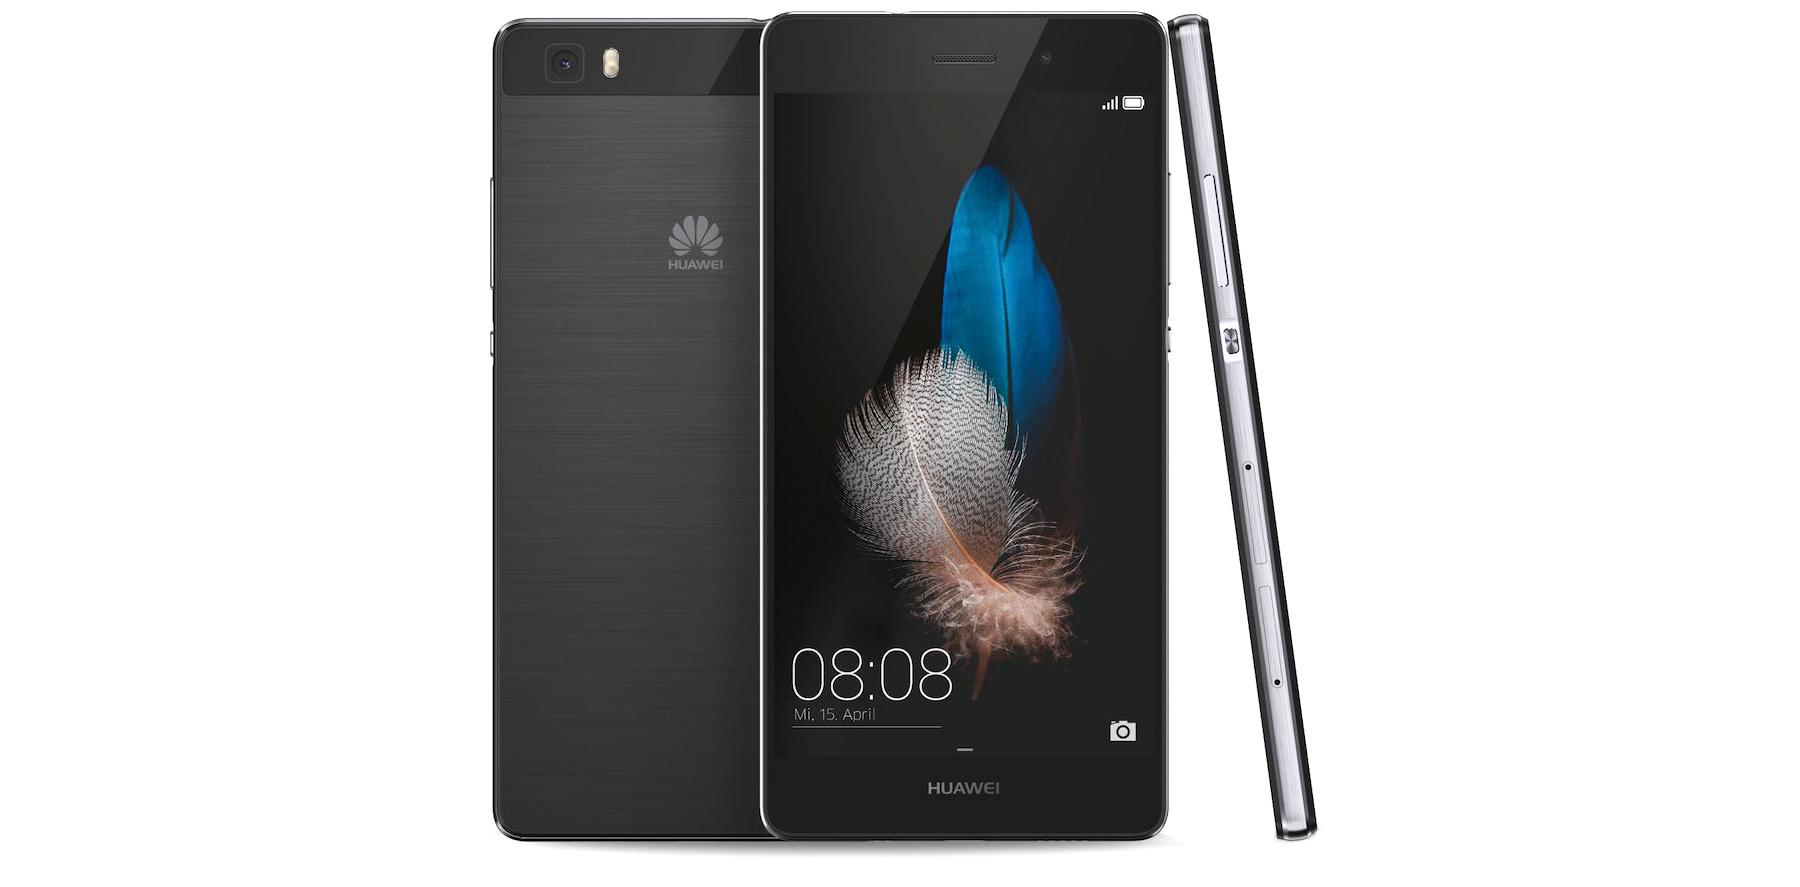 Soldes : le Huawei P8 Lite est à 219 euros